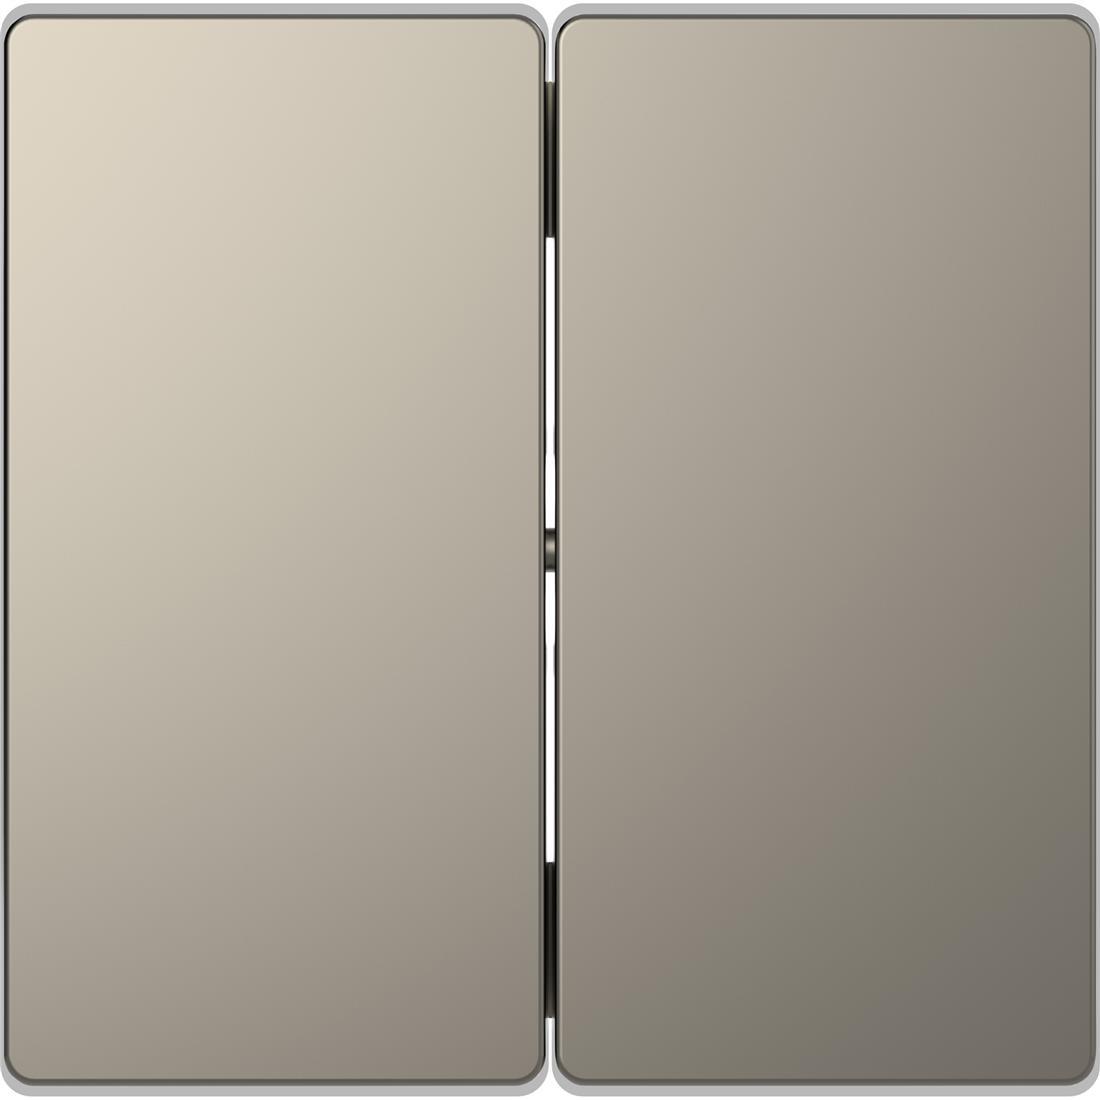 Schneider-Merten D Life schakelwip voor serieschakelaar - nikkel metallic (MTN3400-6050)